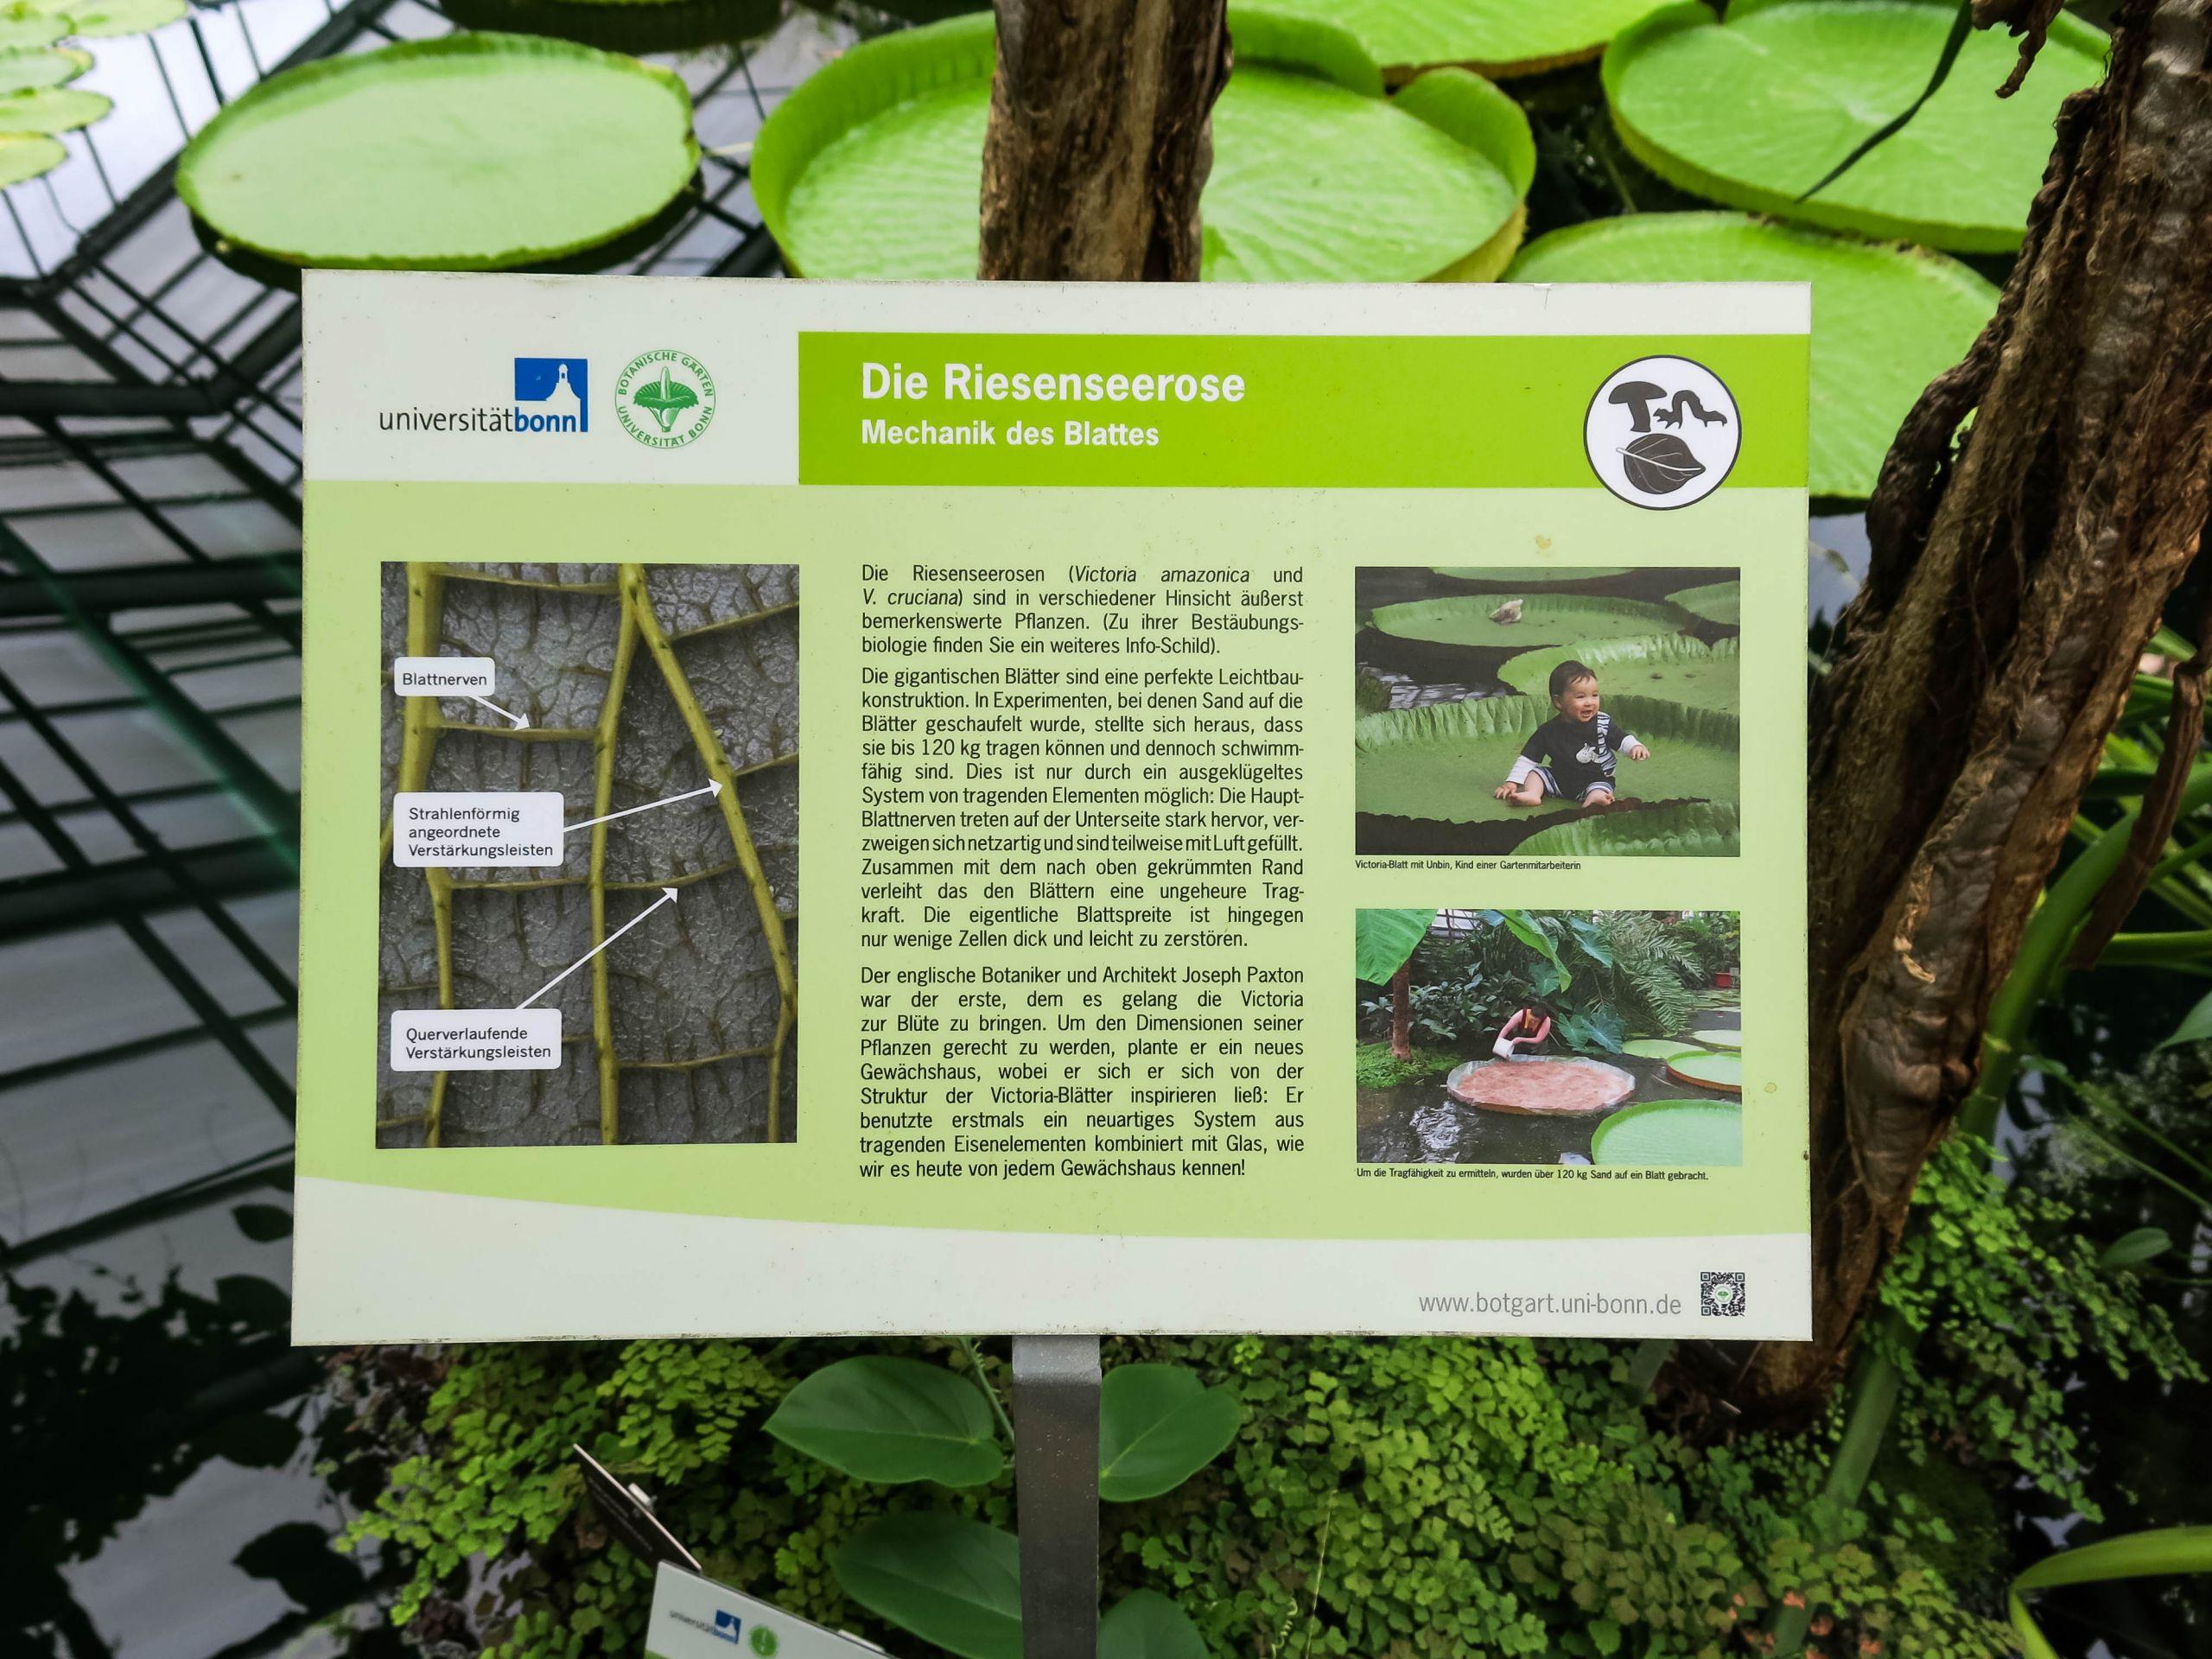 Botanischer Garten Bonn Genial File 2018 06 18 Bonn Meckenheimer Allee 169 Botanischer